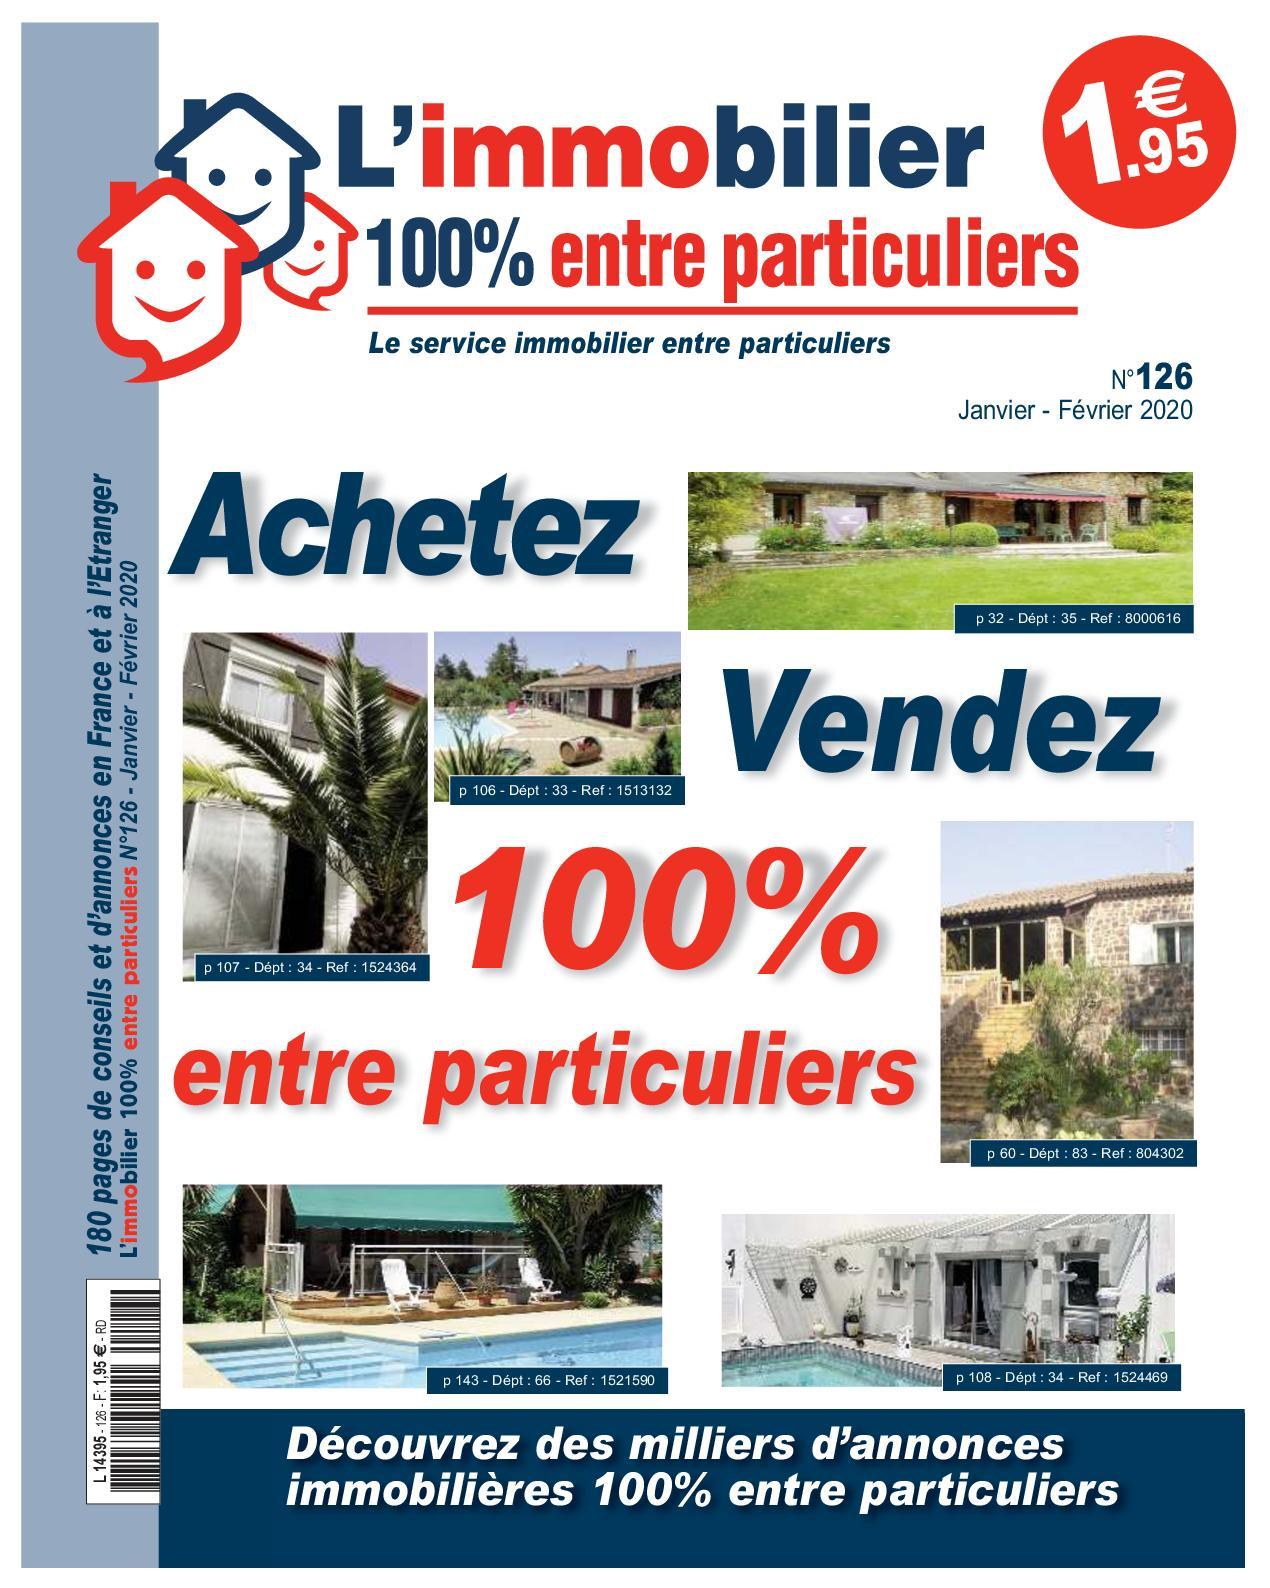 Calameo L Immobilier 100 Entre Particuliers Appel Immo N 126 Janvier Fevrier 2020